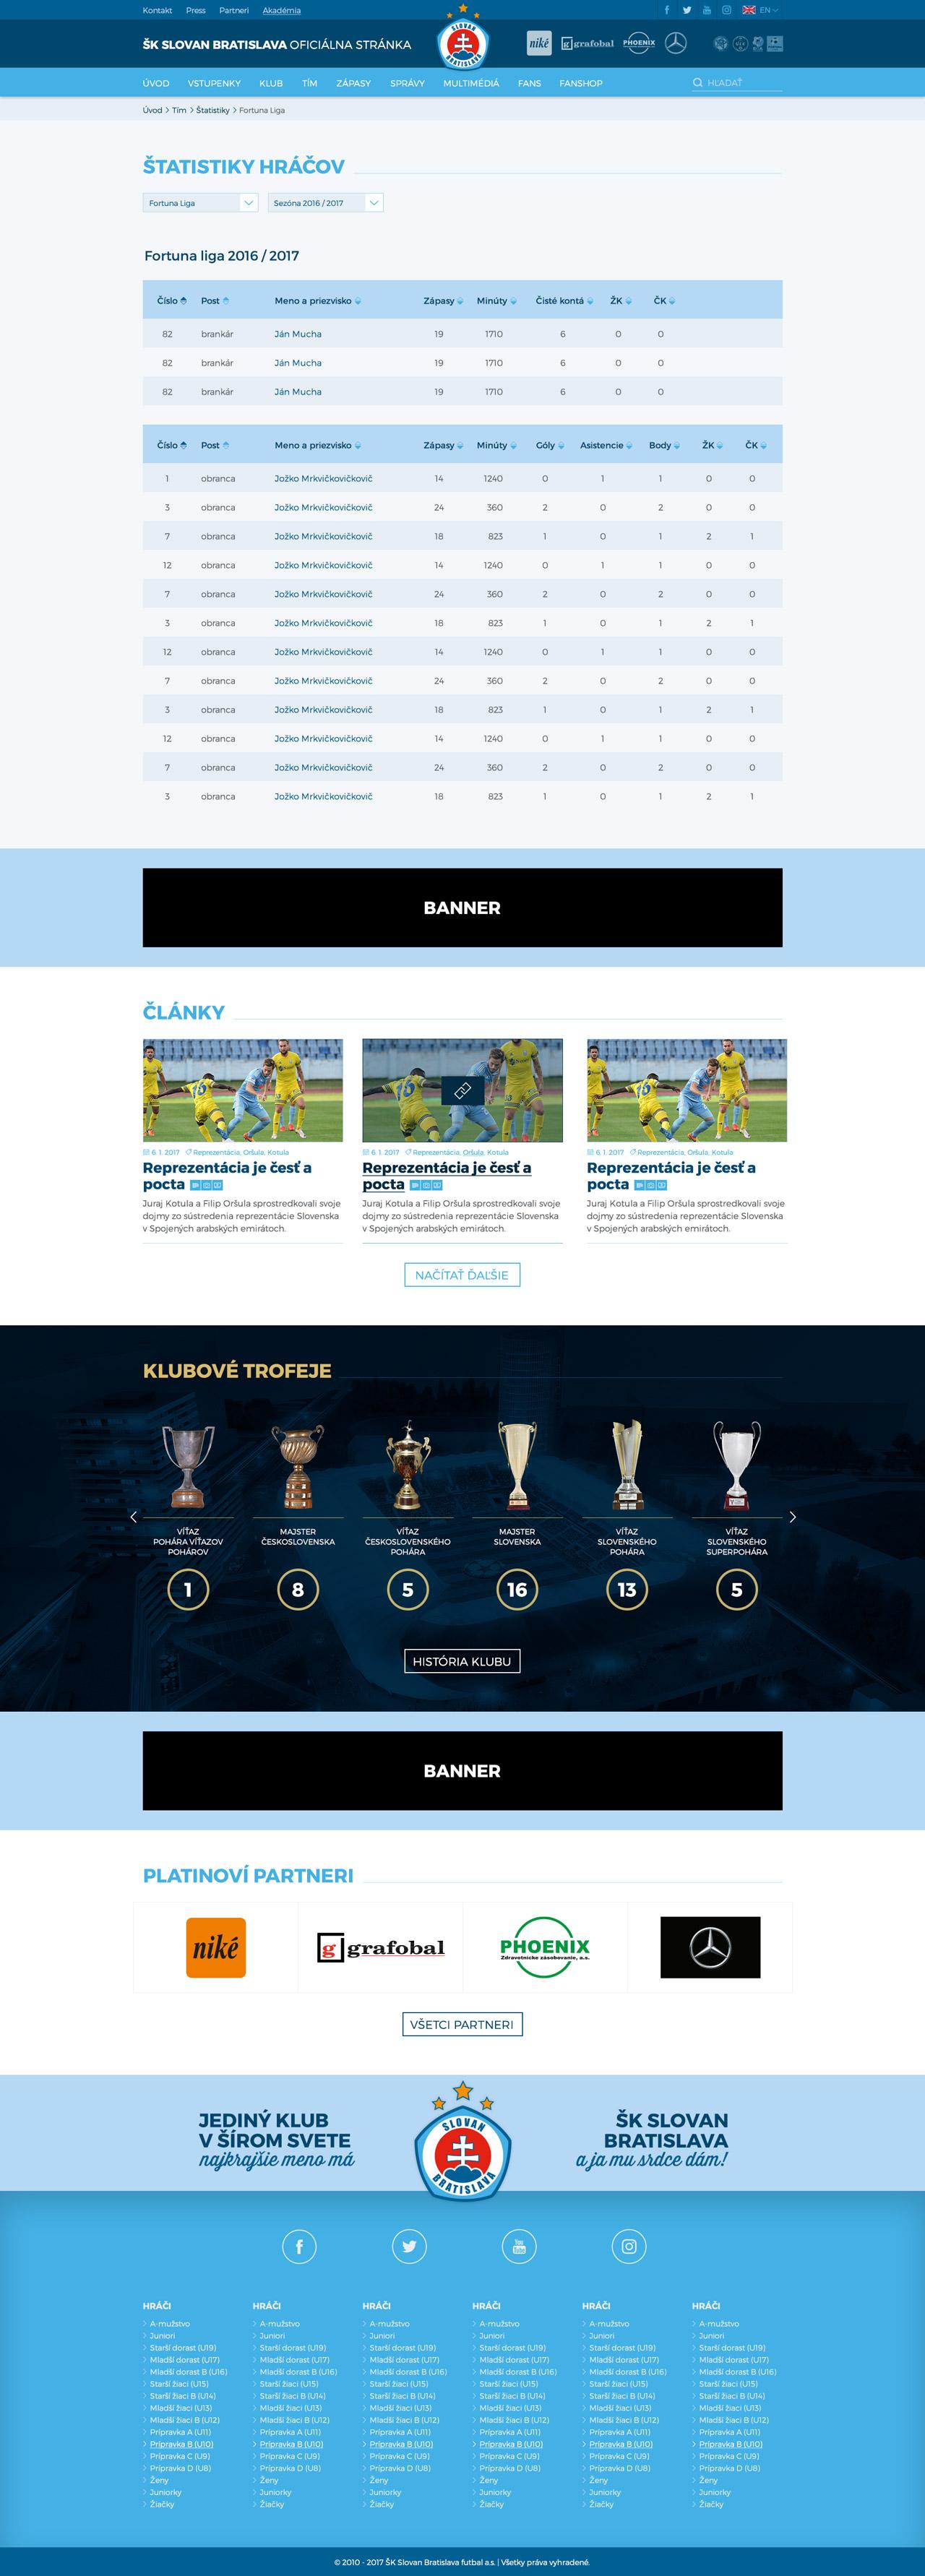 SKSLOVAN.com - štatistiky hráčov